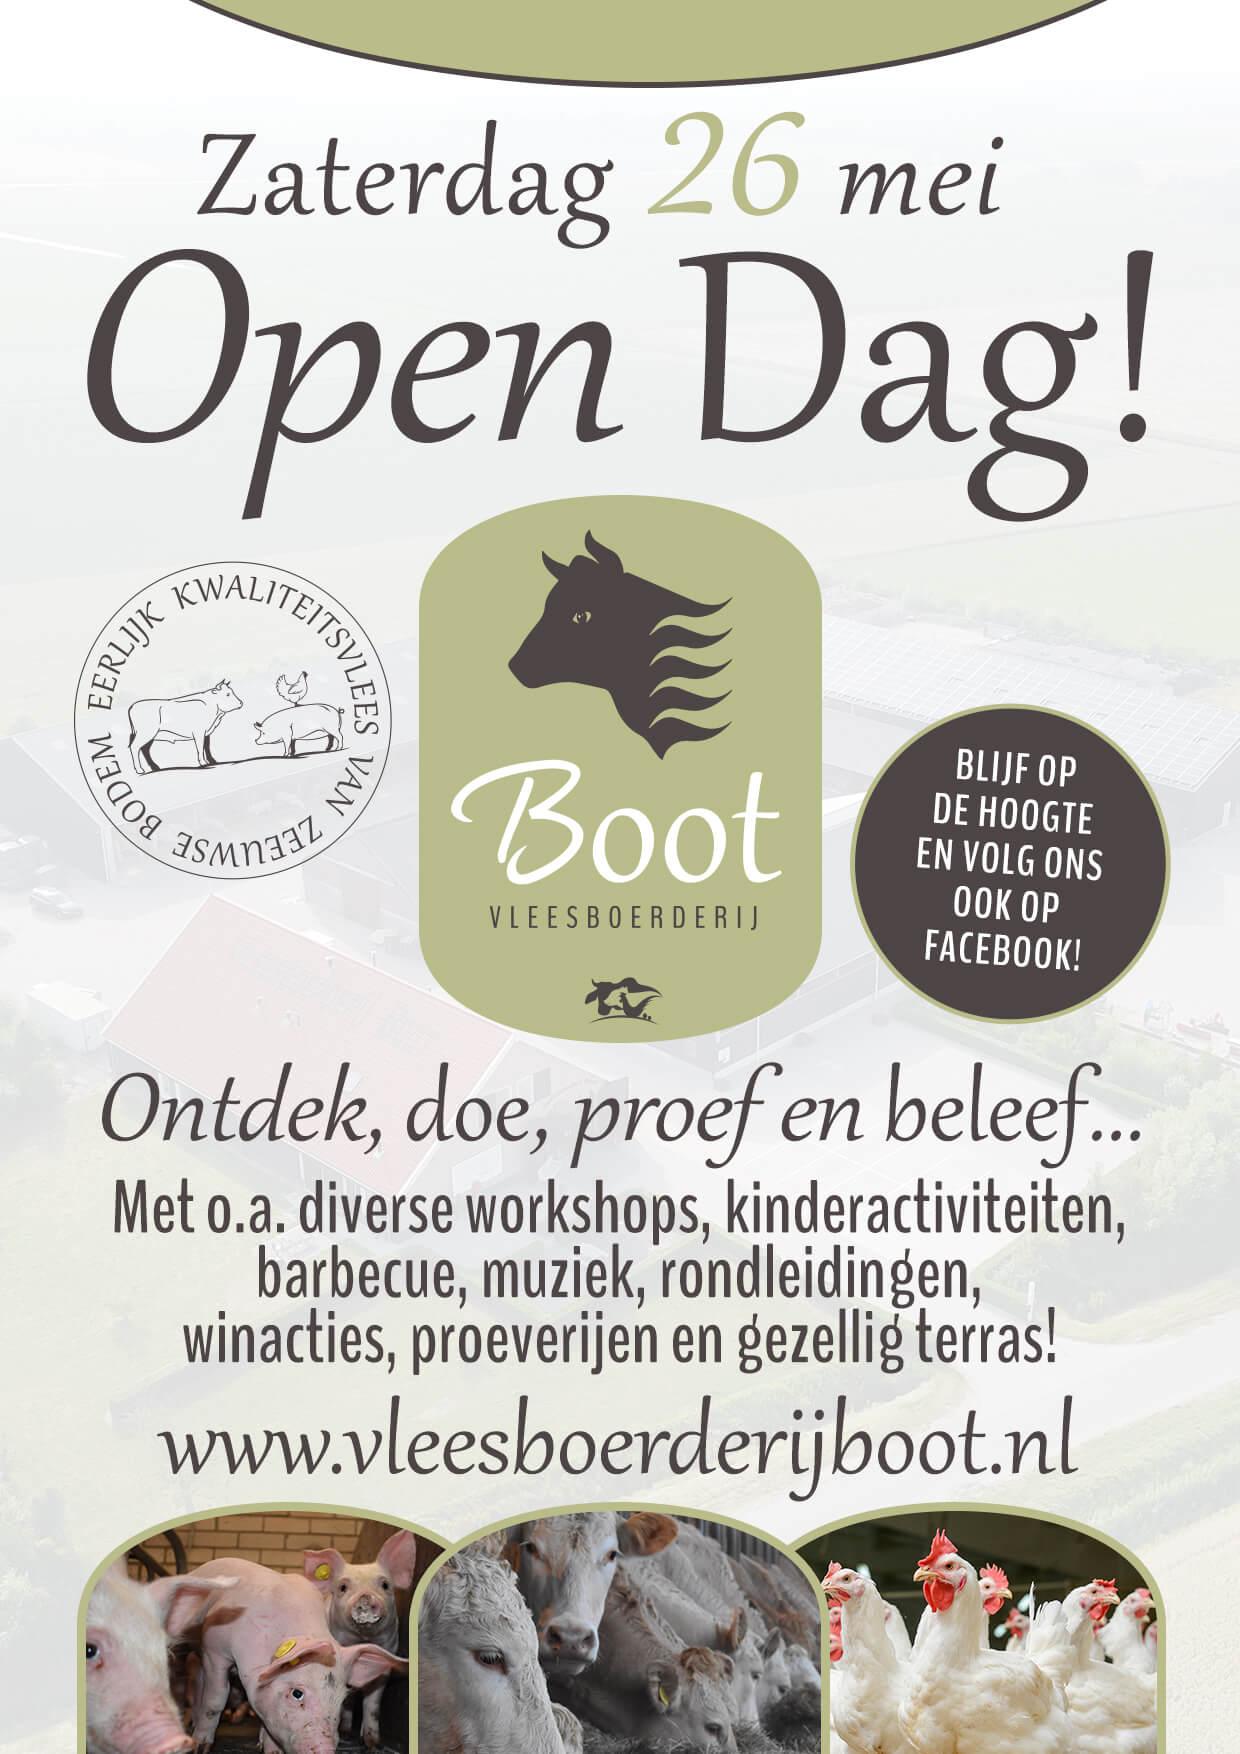 Vleesboerderij Boot open dag 26 mei flyer